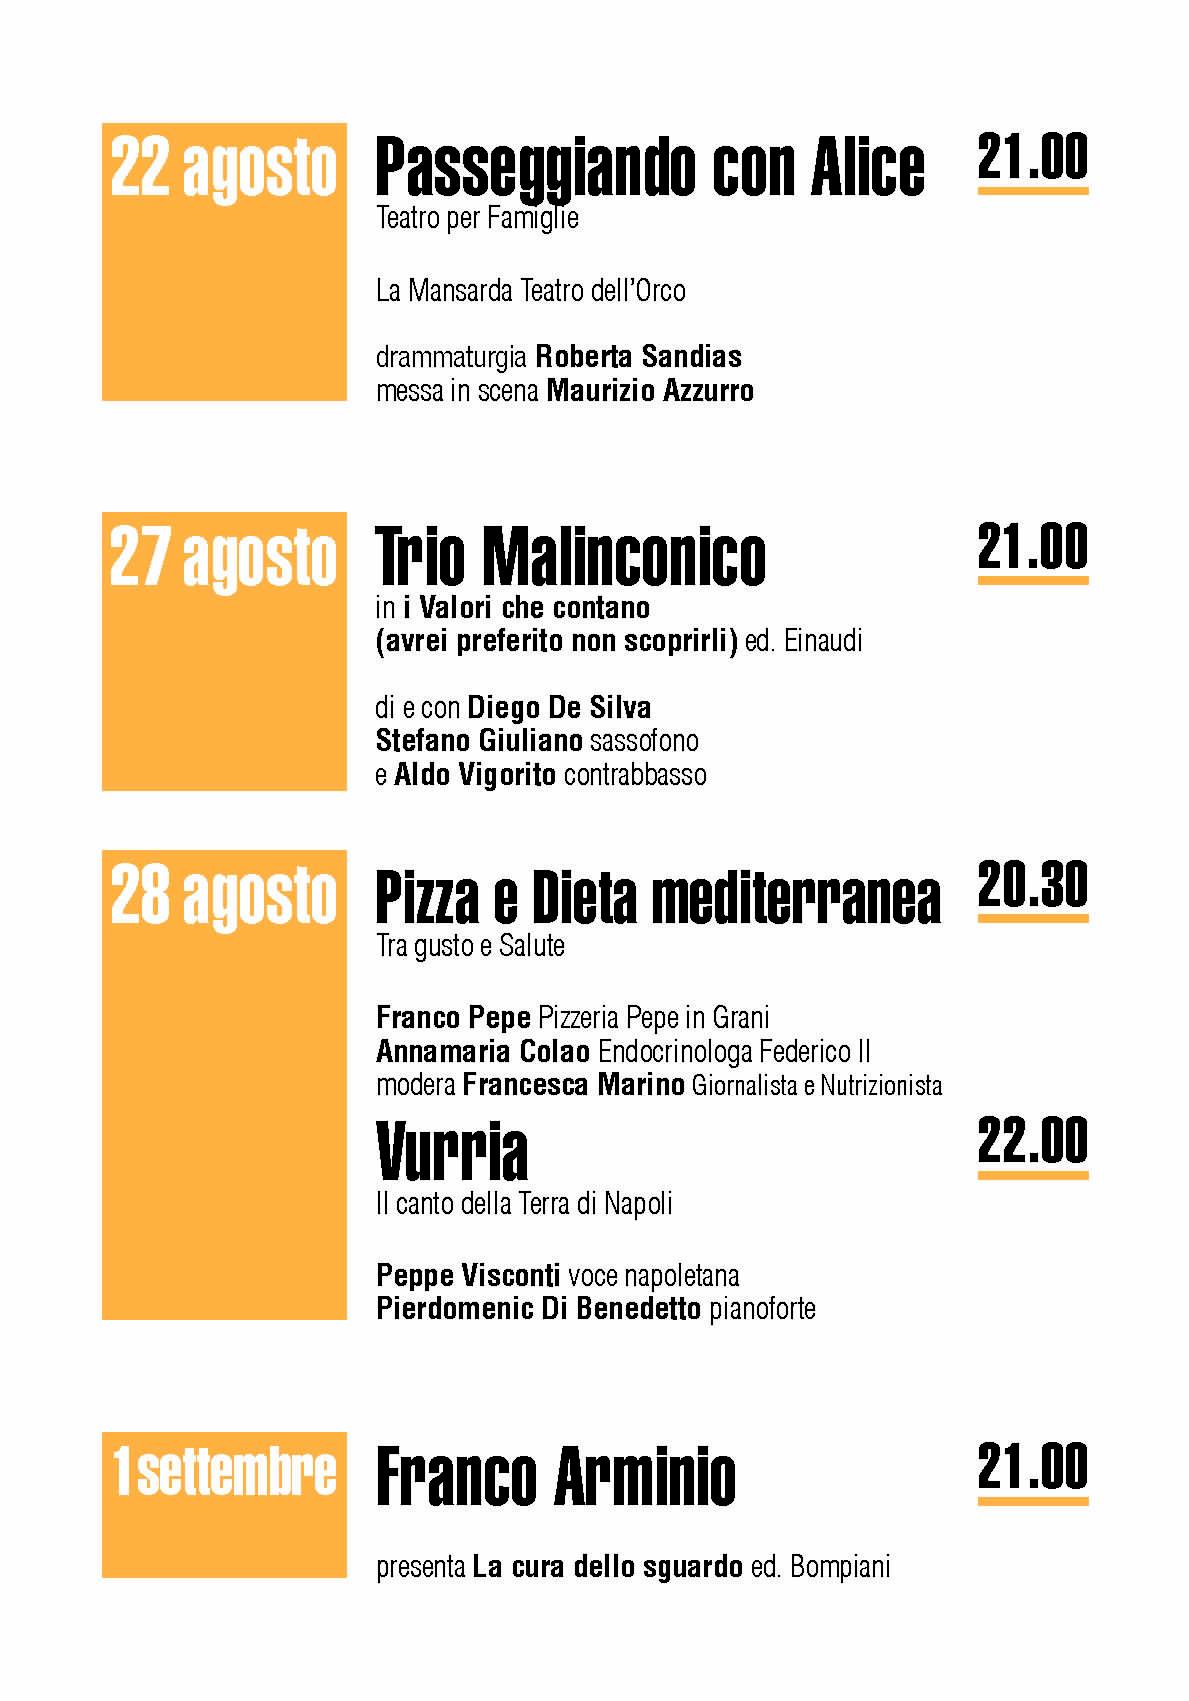 4 - Pioppi, 5° Festival della Dieta Mediterranea - dall'8 all'1 Settembre 2020